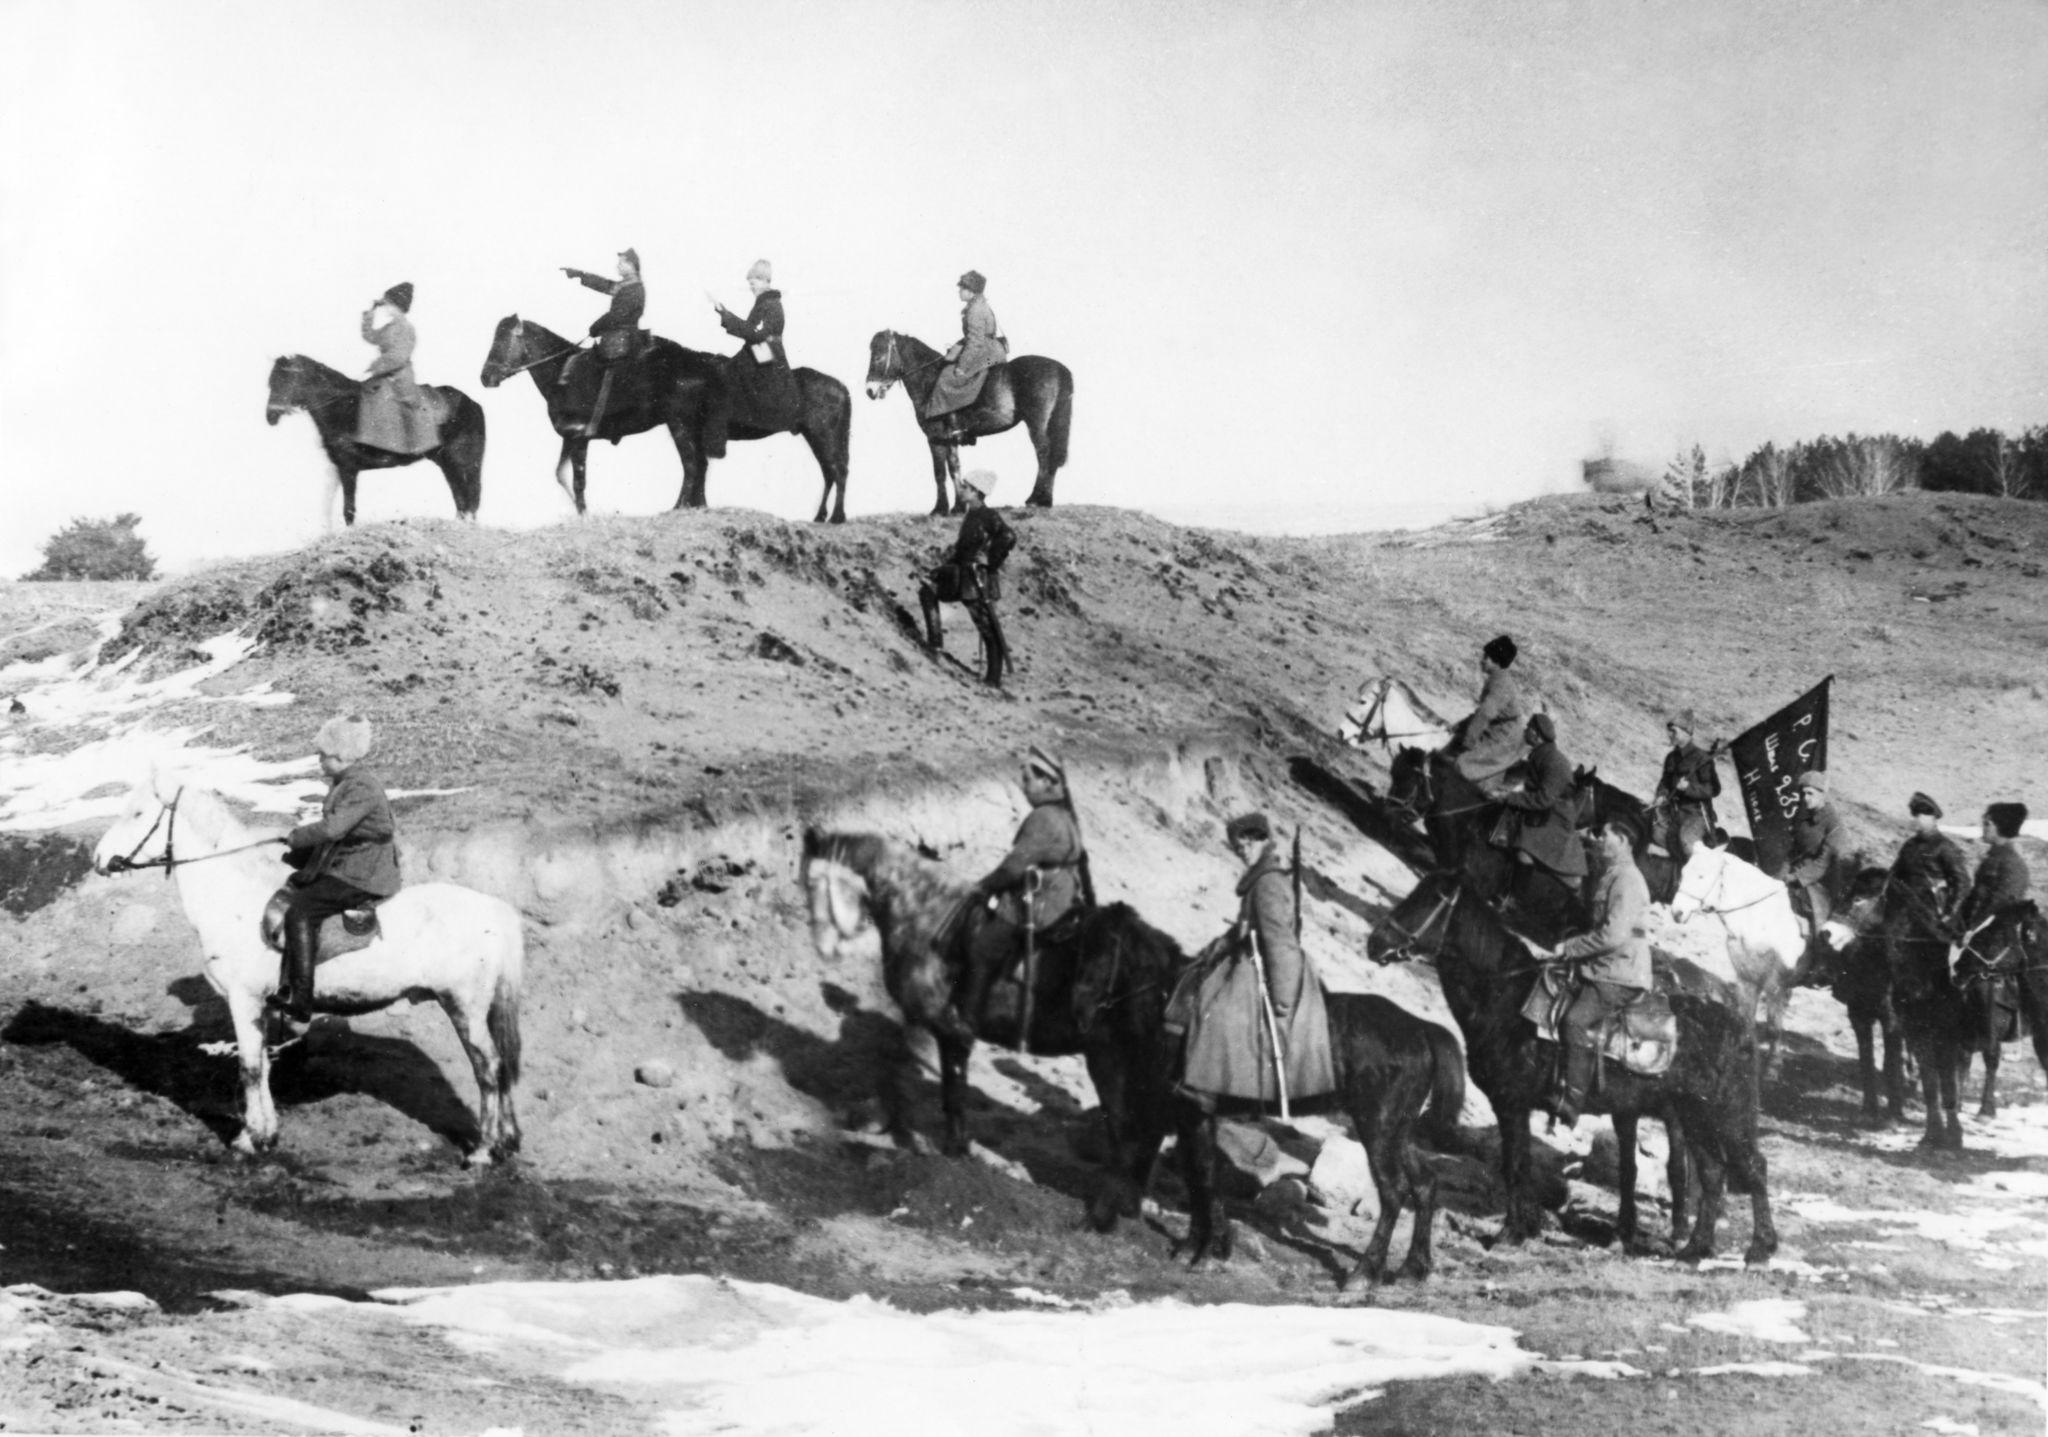 Командный пункт 235 Невельского полка на линии фронта, весна